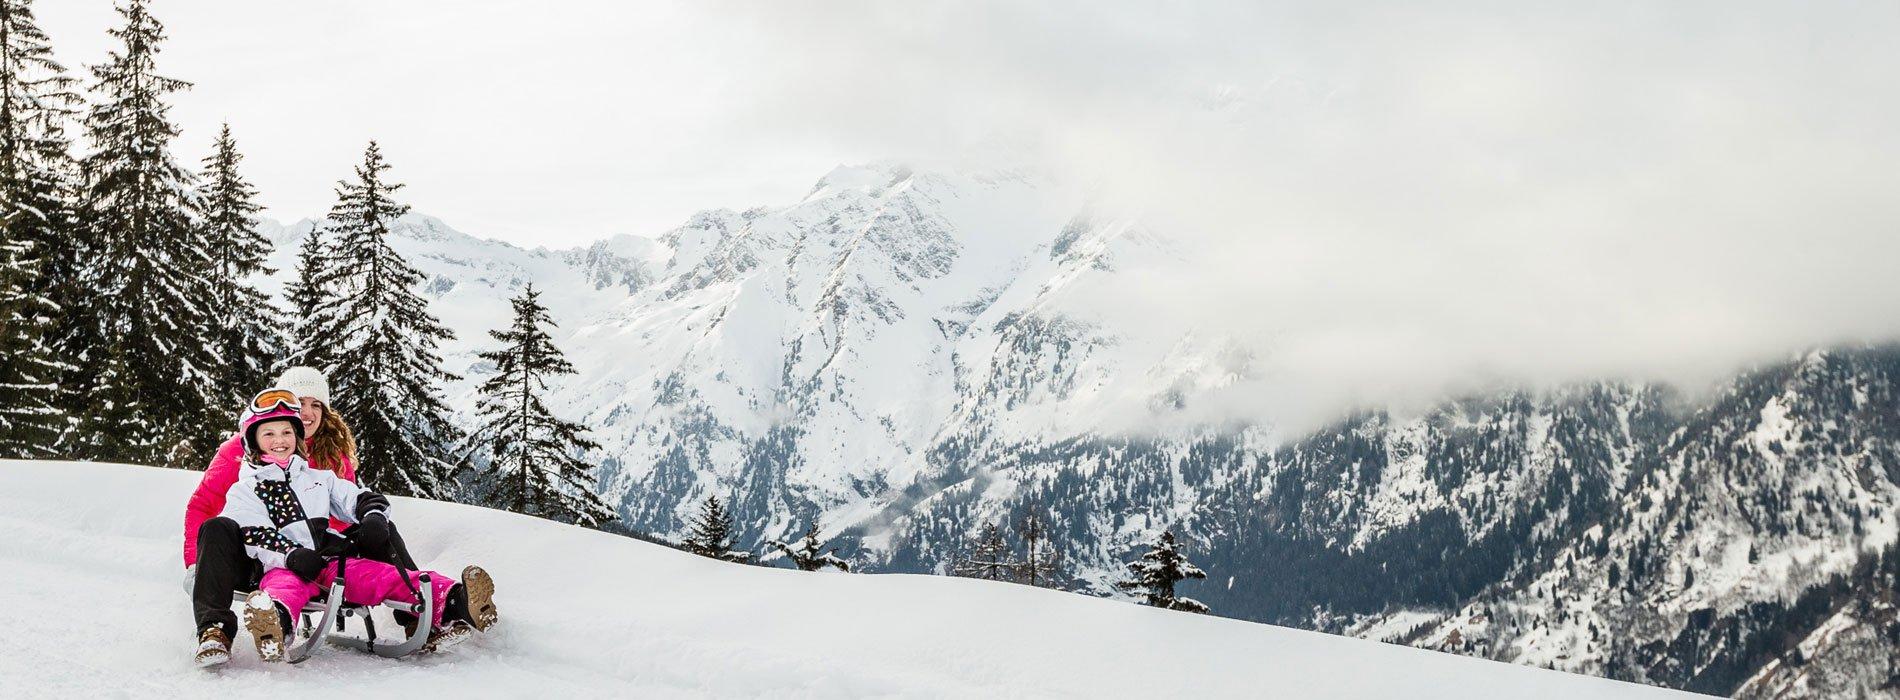 winterurlaub-auf-dem-bauernhof-suedtirol-05